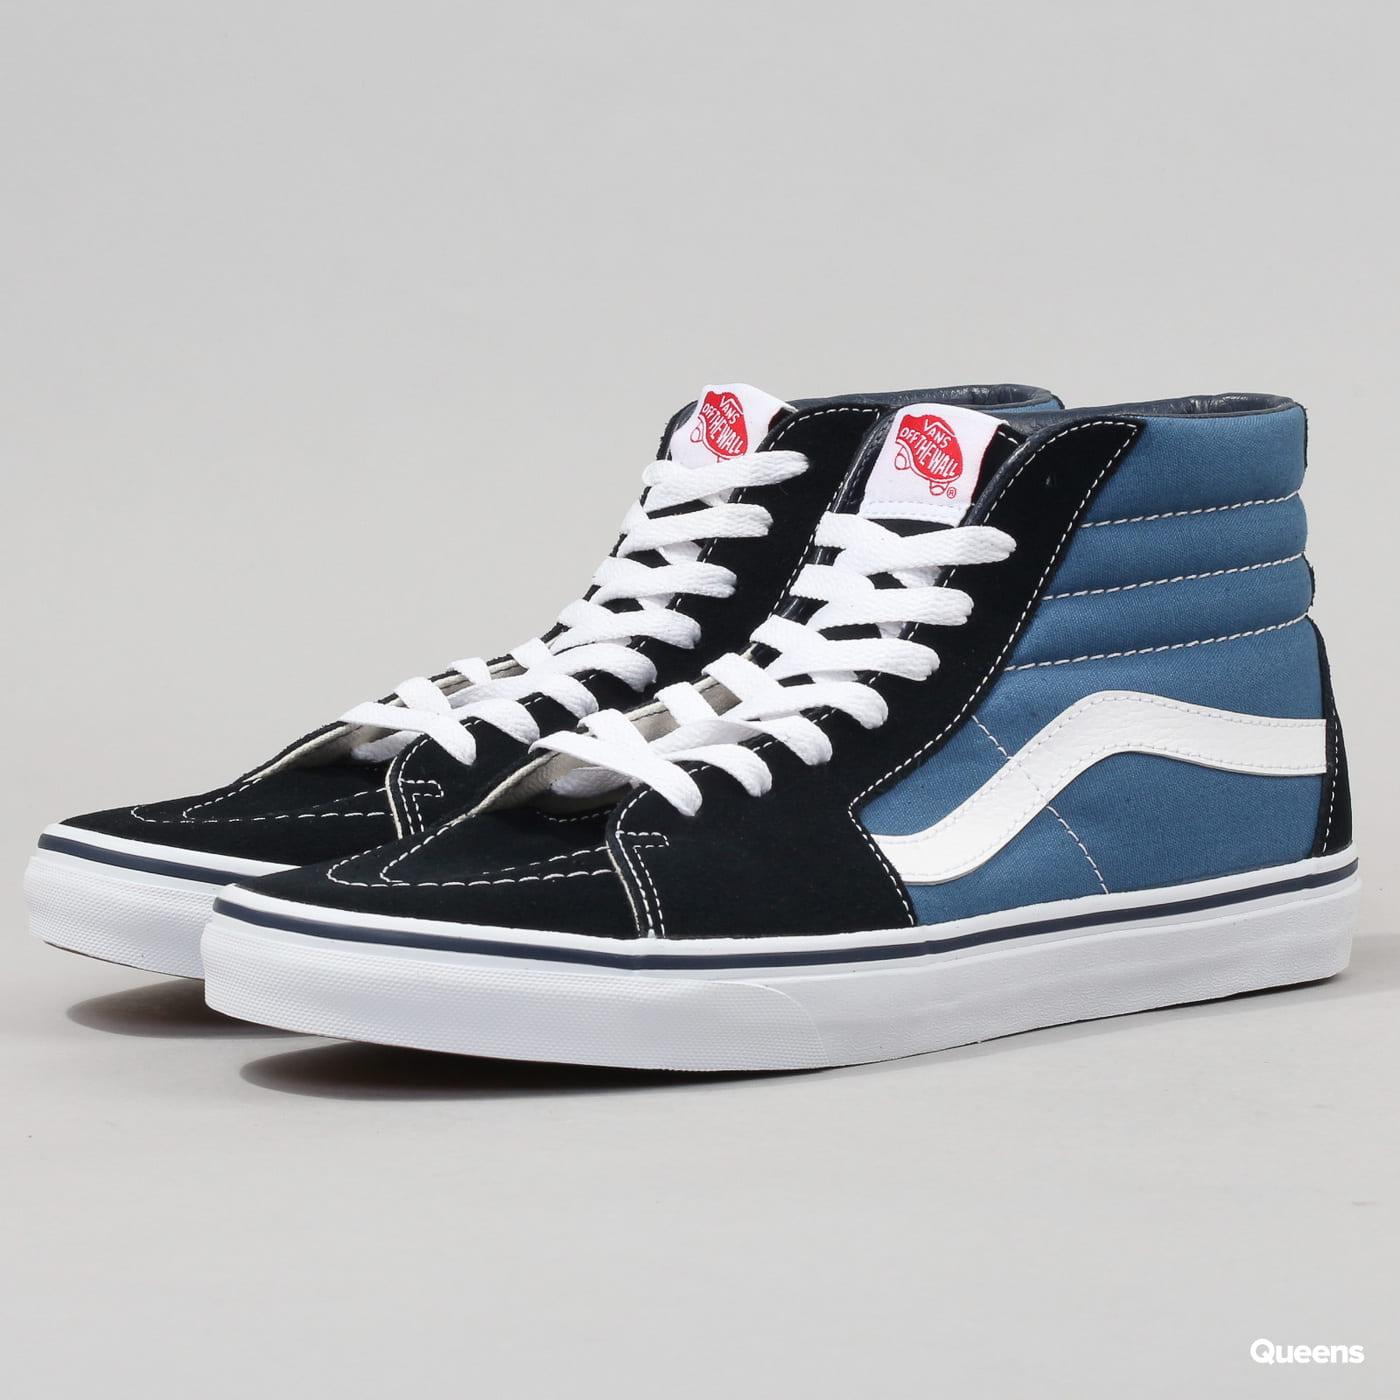 Vans SK8 - Hi navy